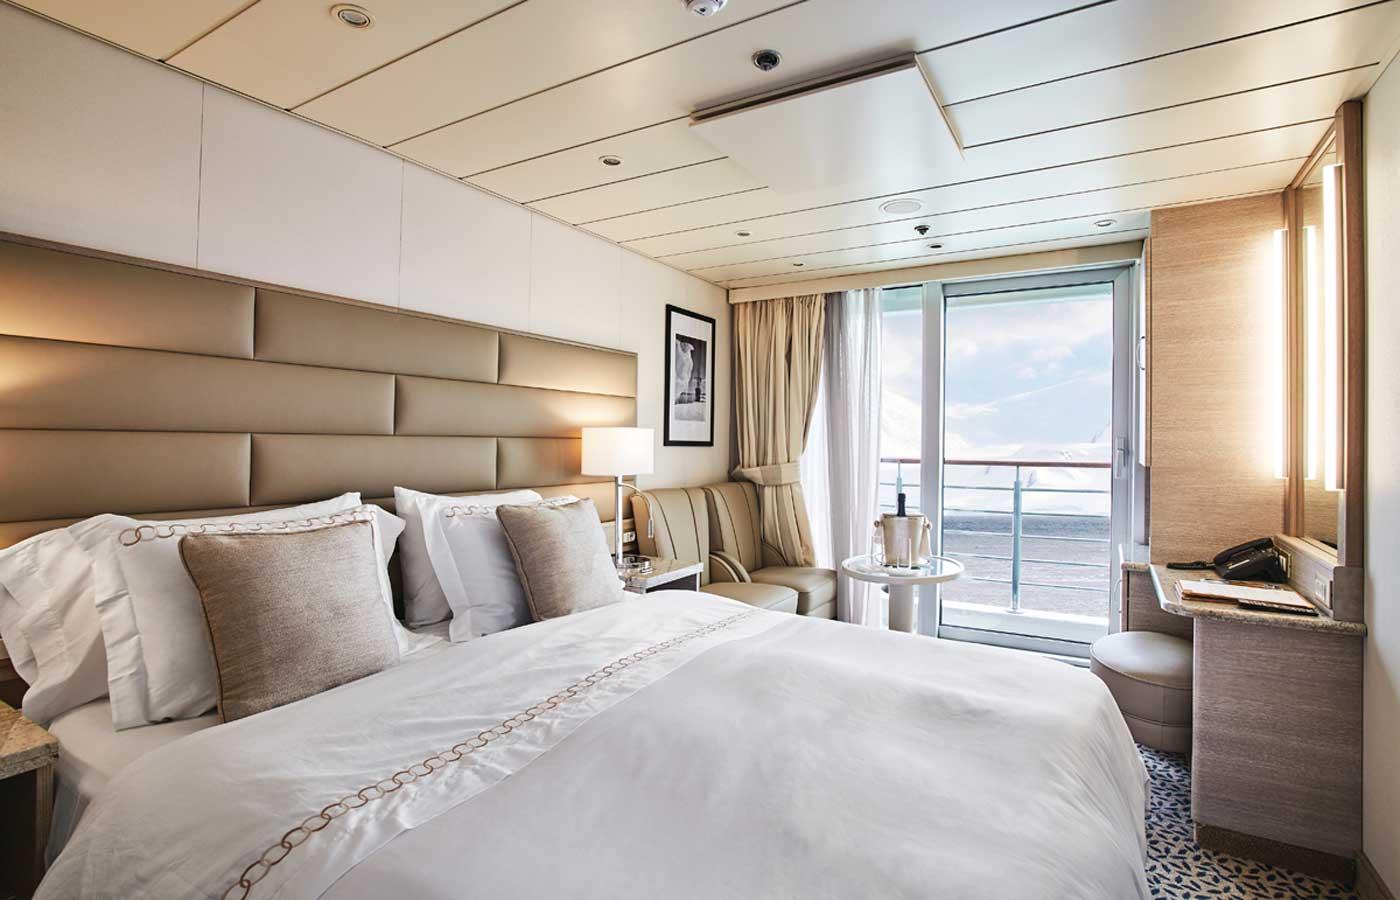 Veranda Suite, Silver Explorer - Antarctica Cruise